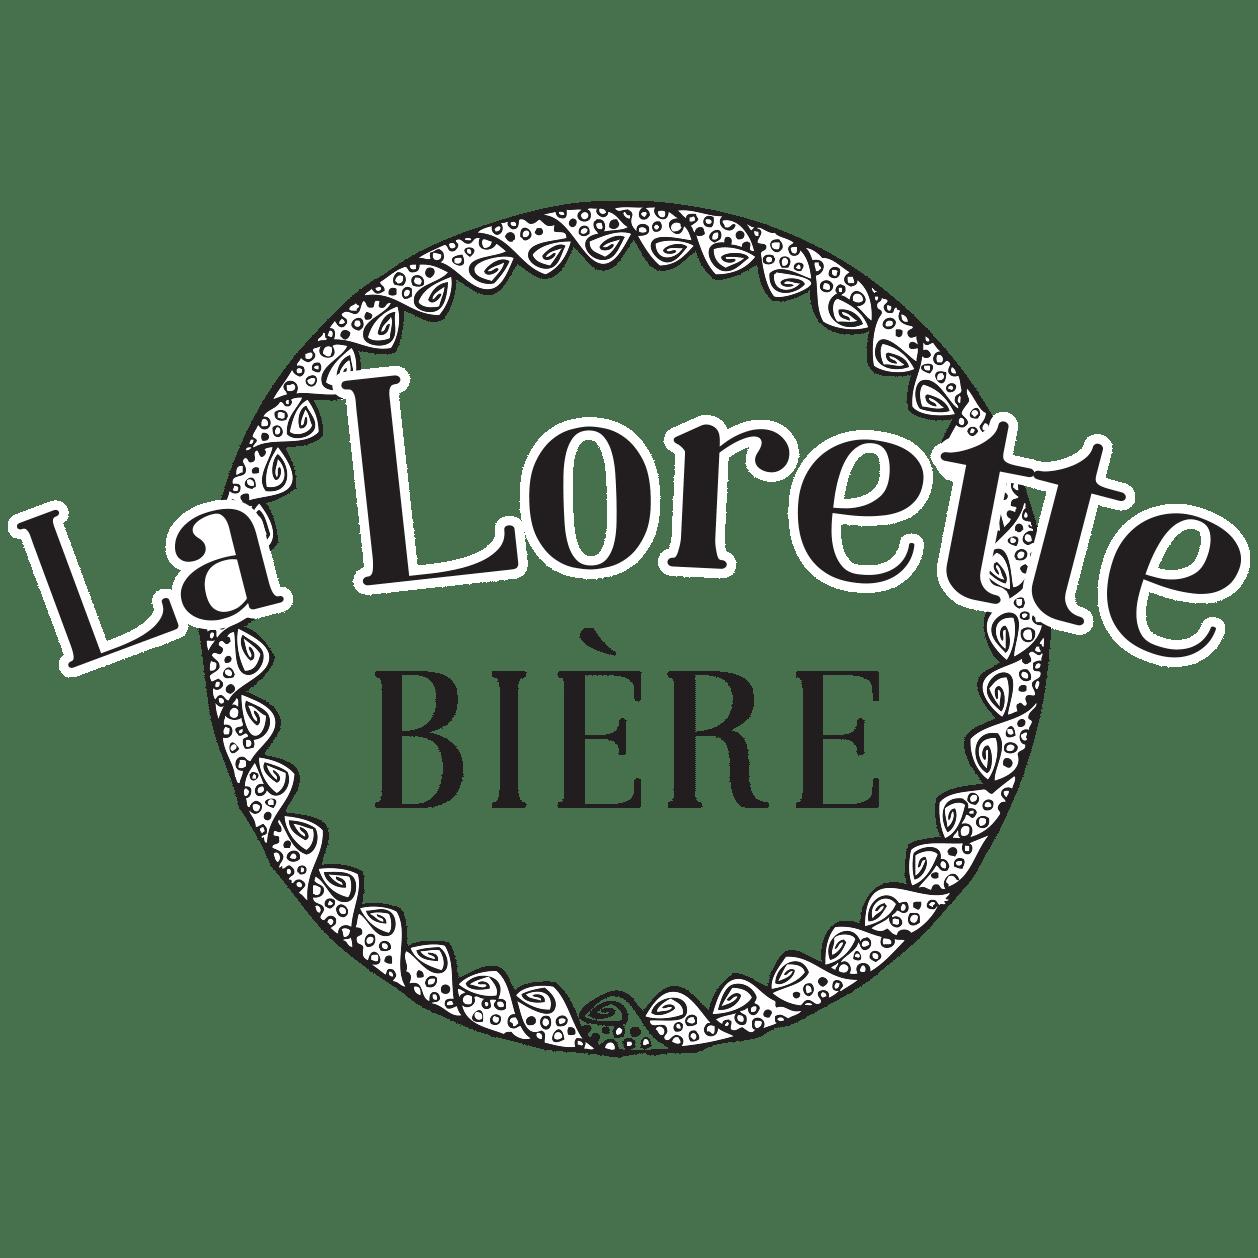 Logo La Lorette